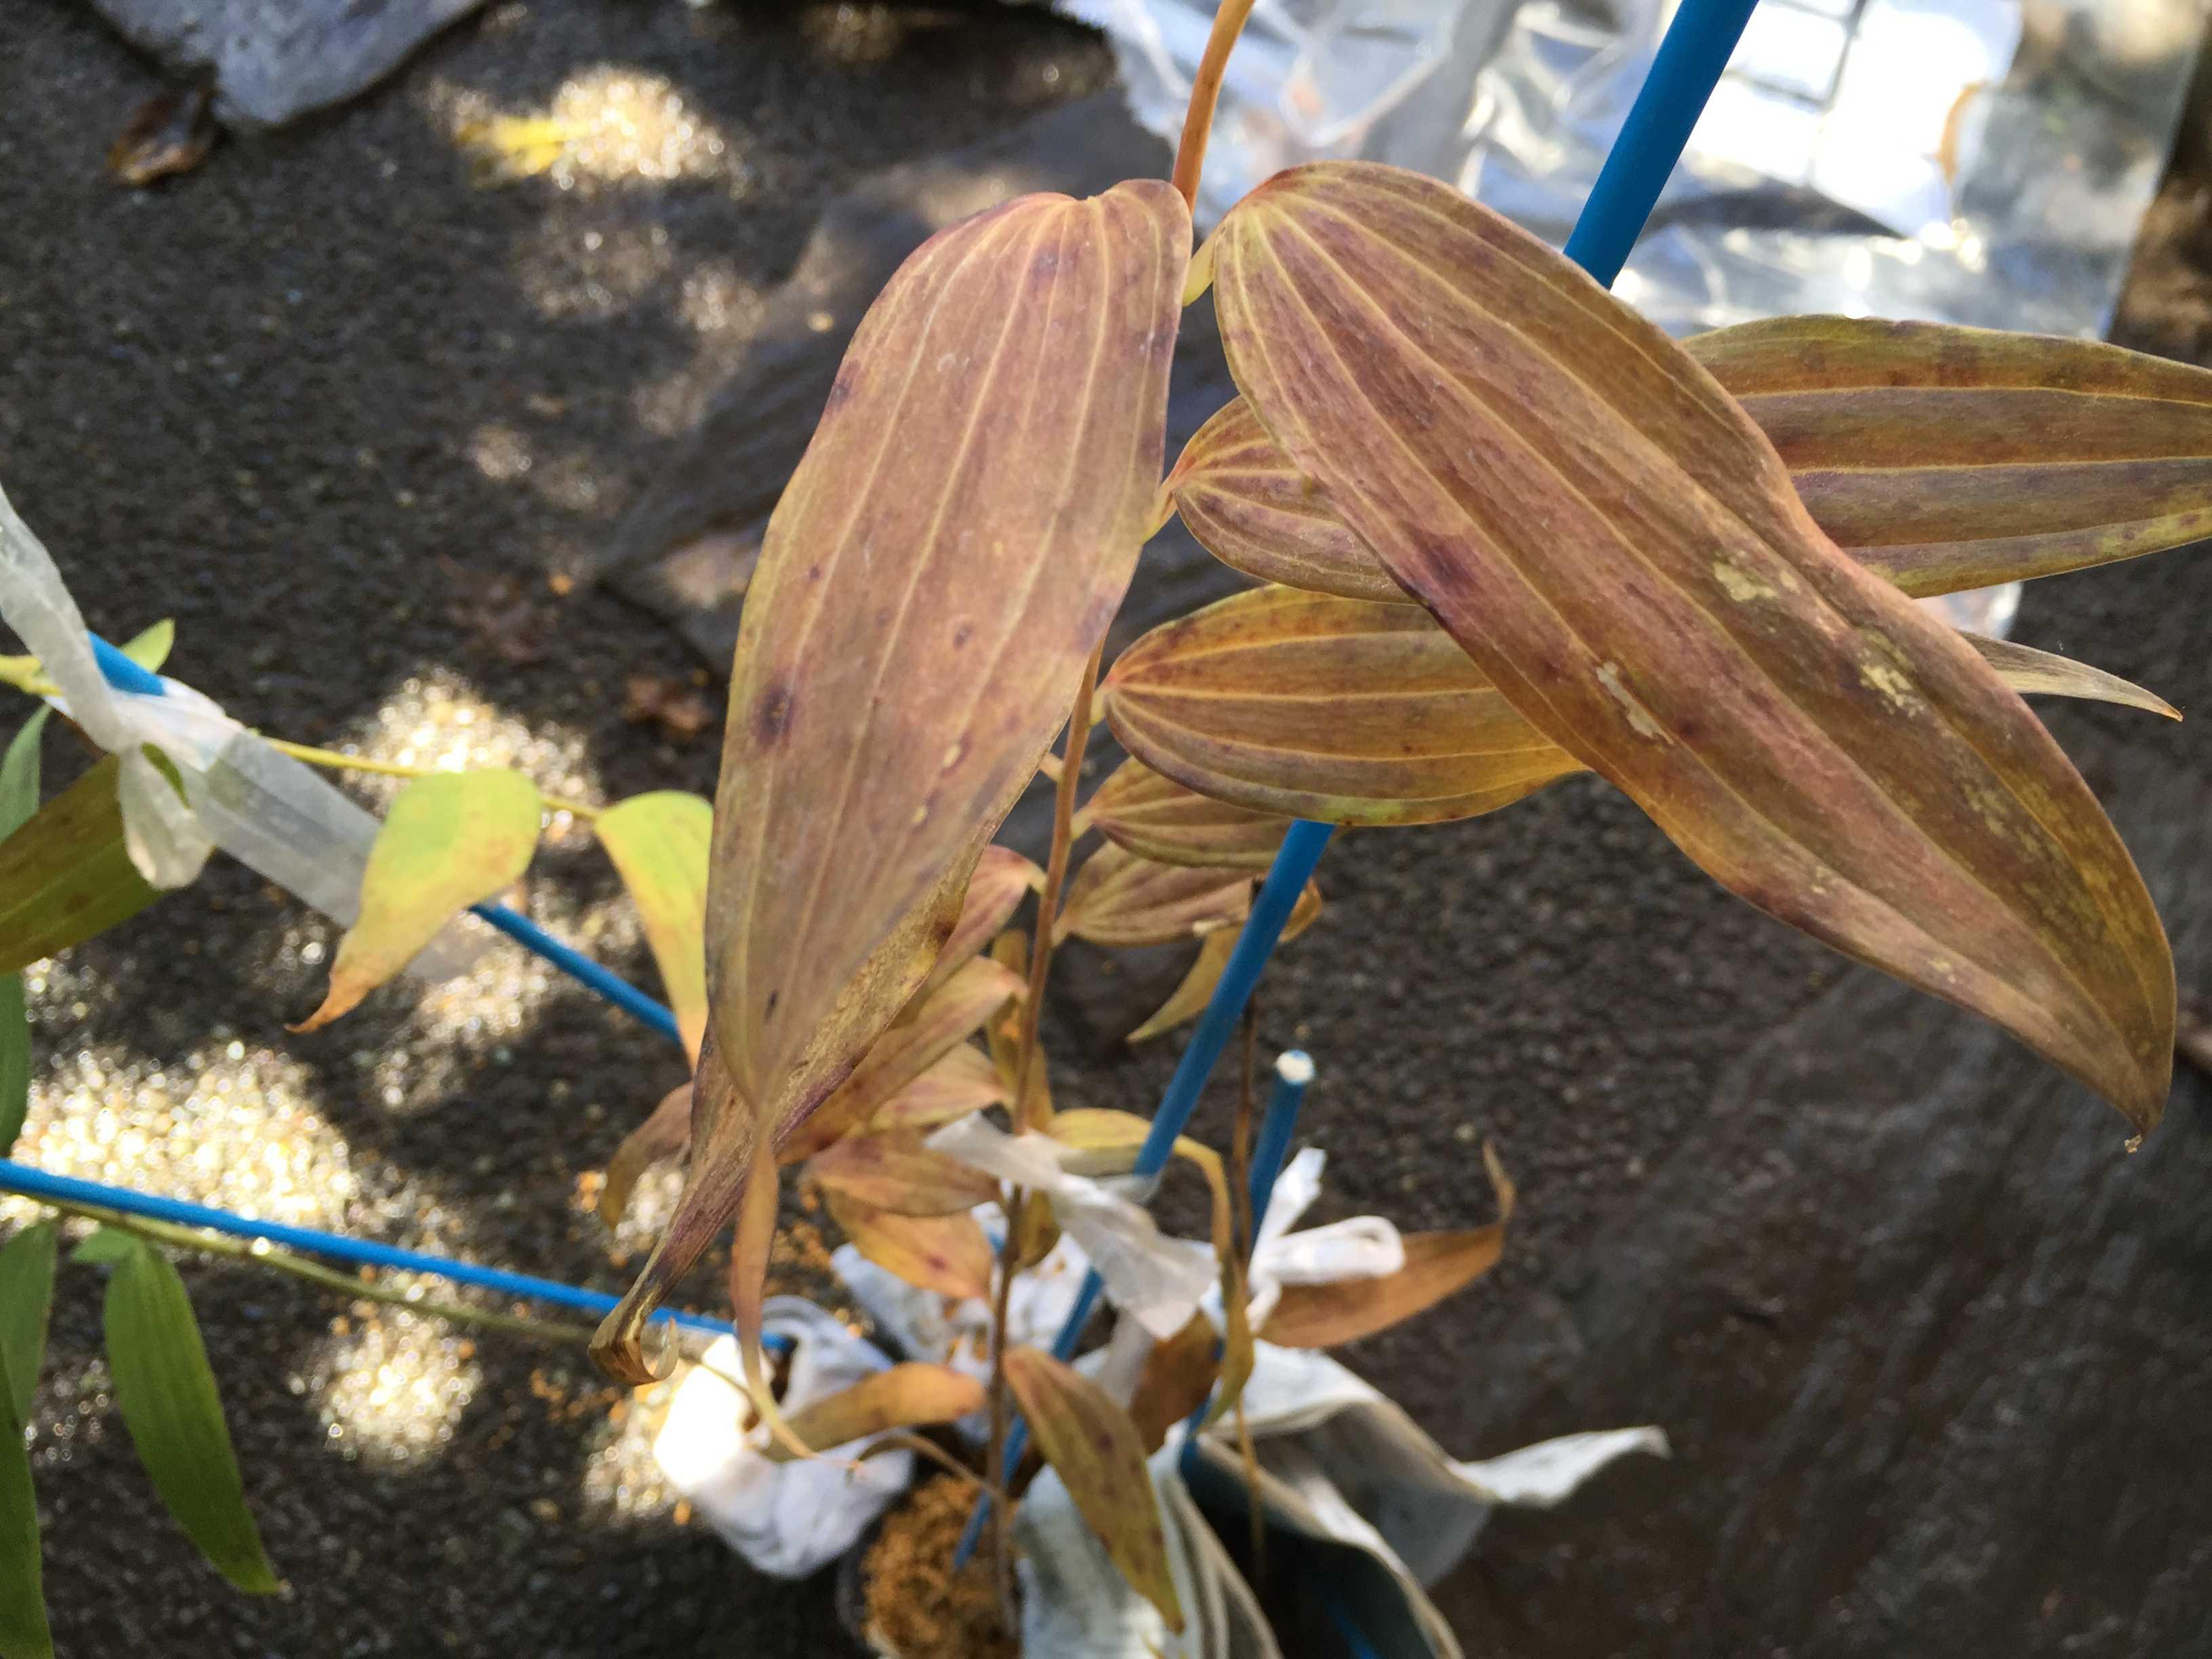 ヤマユリ庭植え - 茶色いヤマユリの葉っぱ